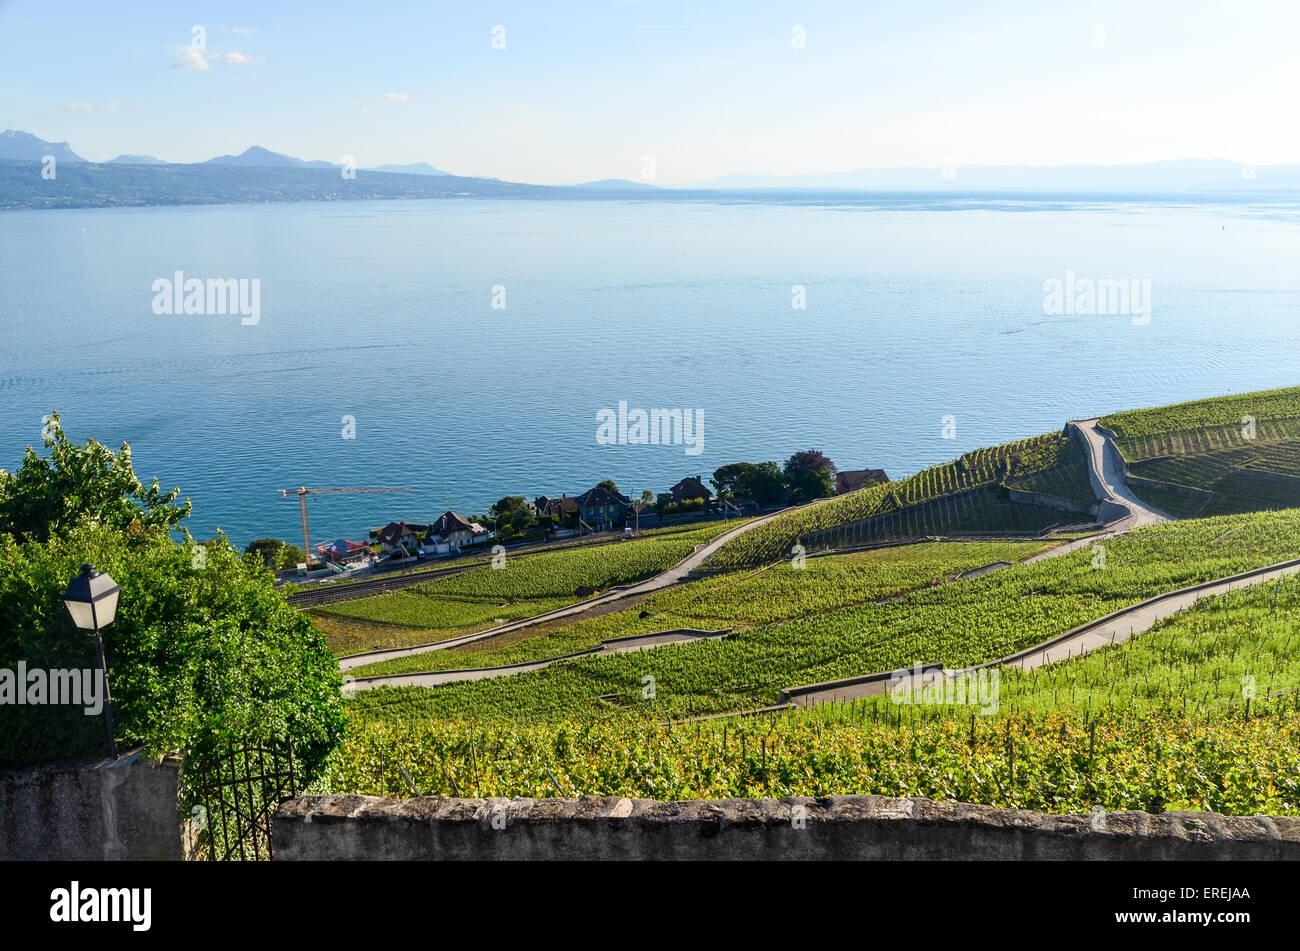 I Vigneti del Lavaux, Svizzera, dal Lago di Ginevra. La Francia è sulla riva del lago di fronte. Immagini Stock